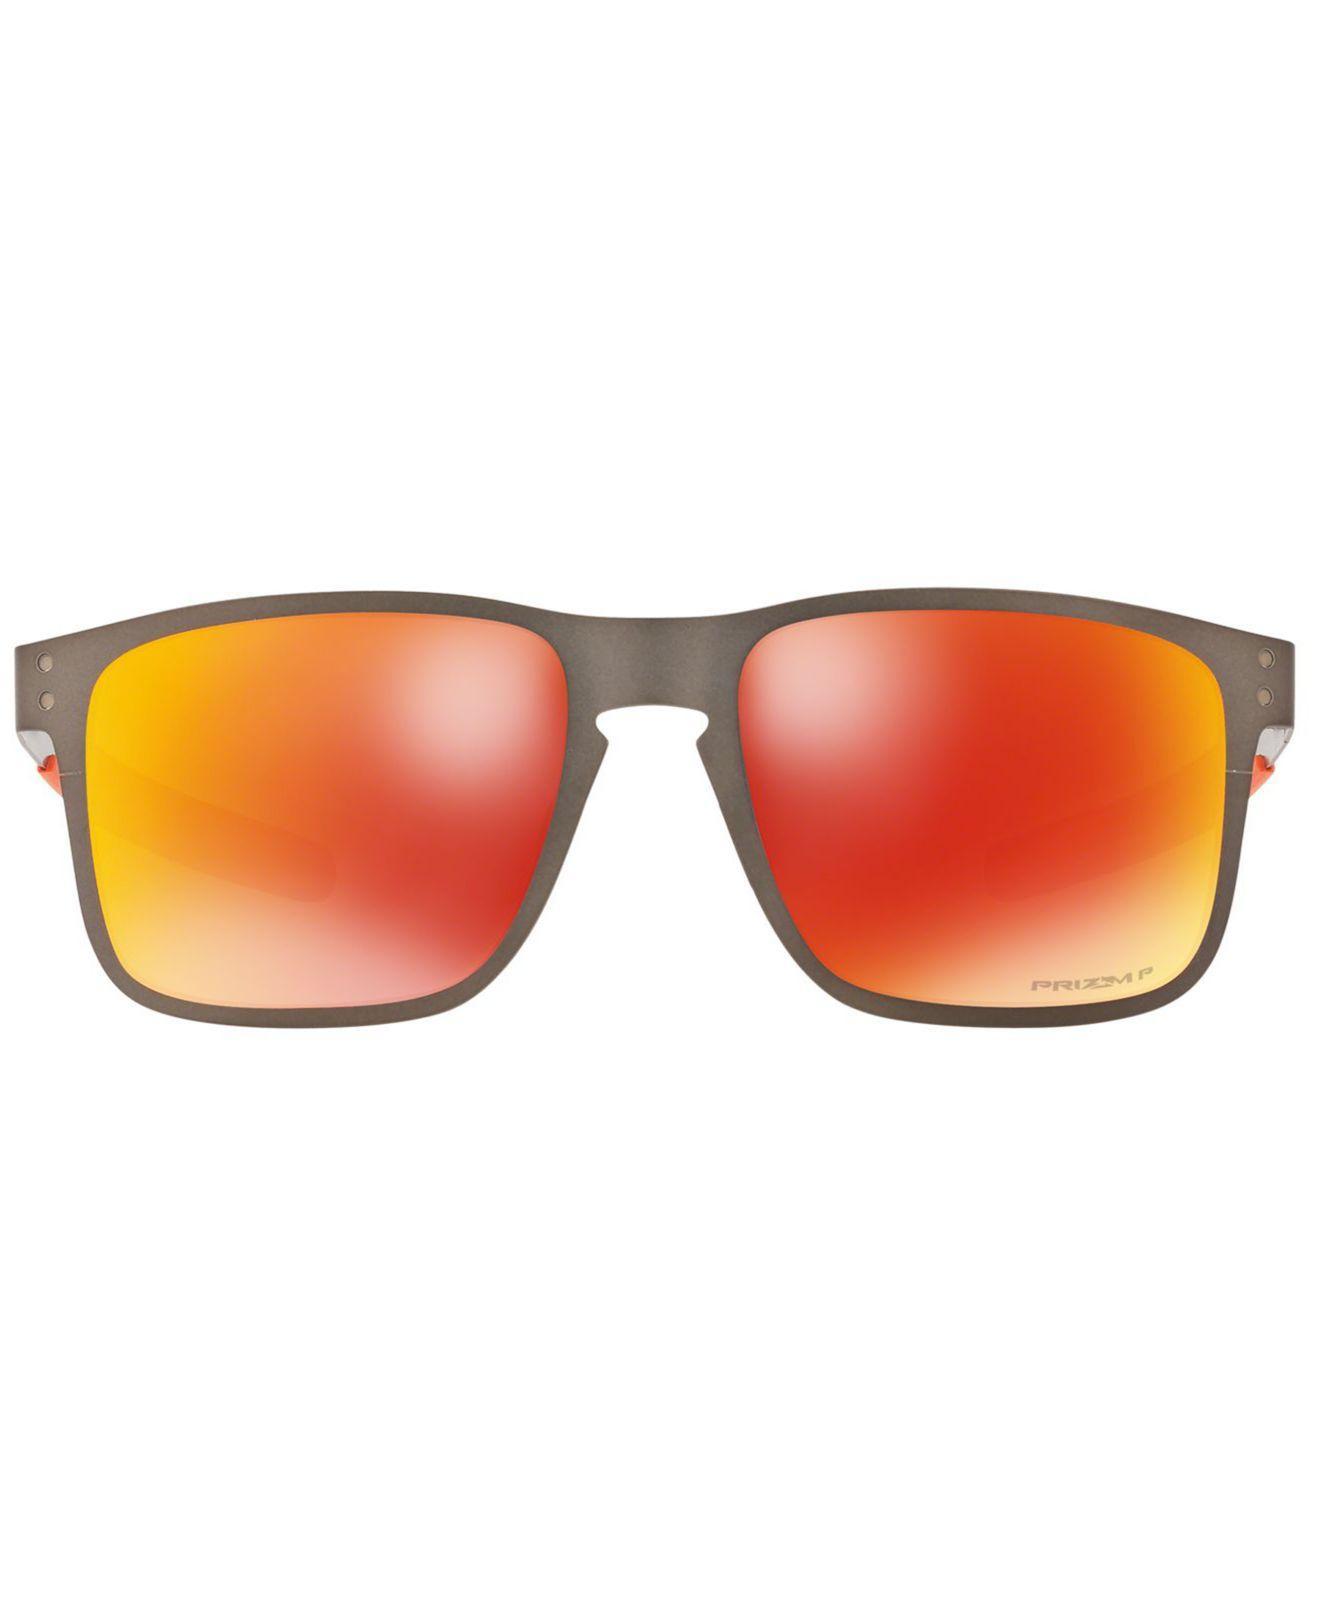 dd2a0952ecb577 Lyst - Oakley Polarized Sunglasses